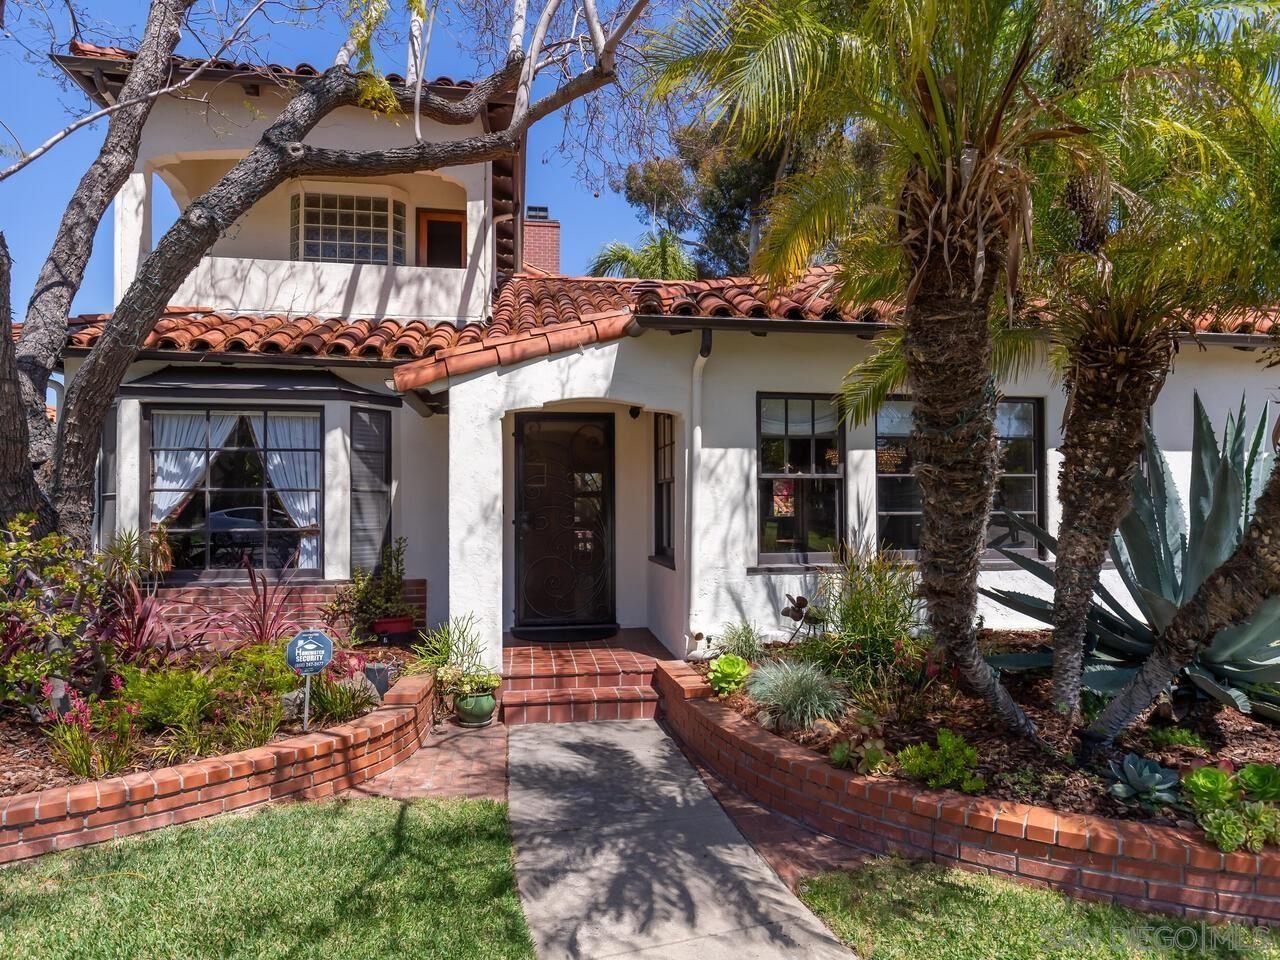 Photo for 5255 Marlborough, San Diego, CA 92116 (MLS # 210011023)